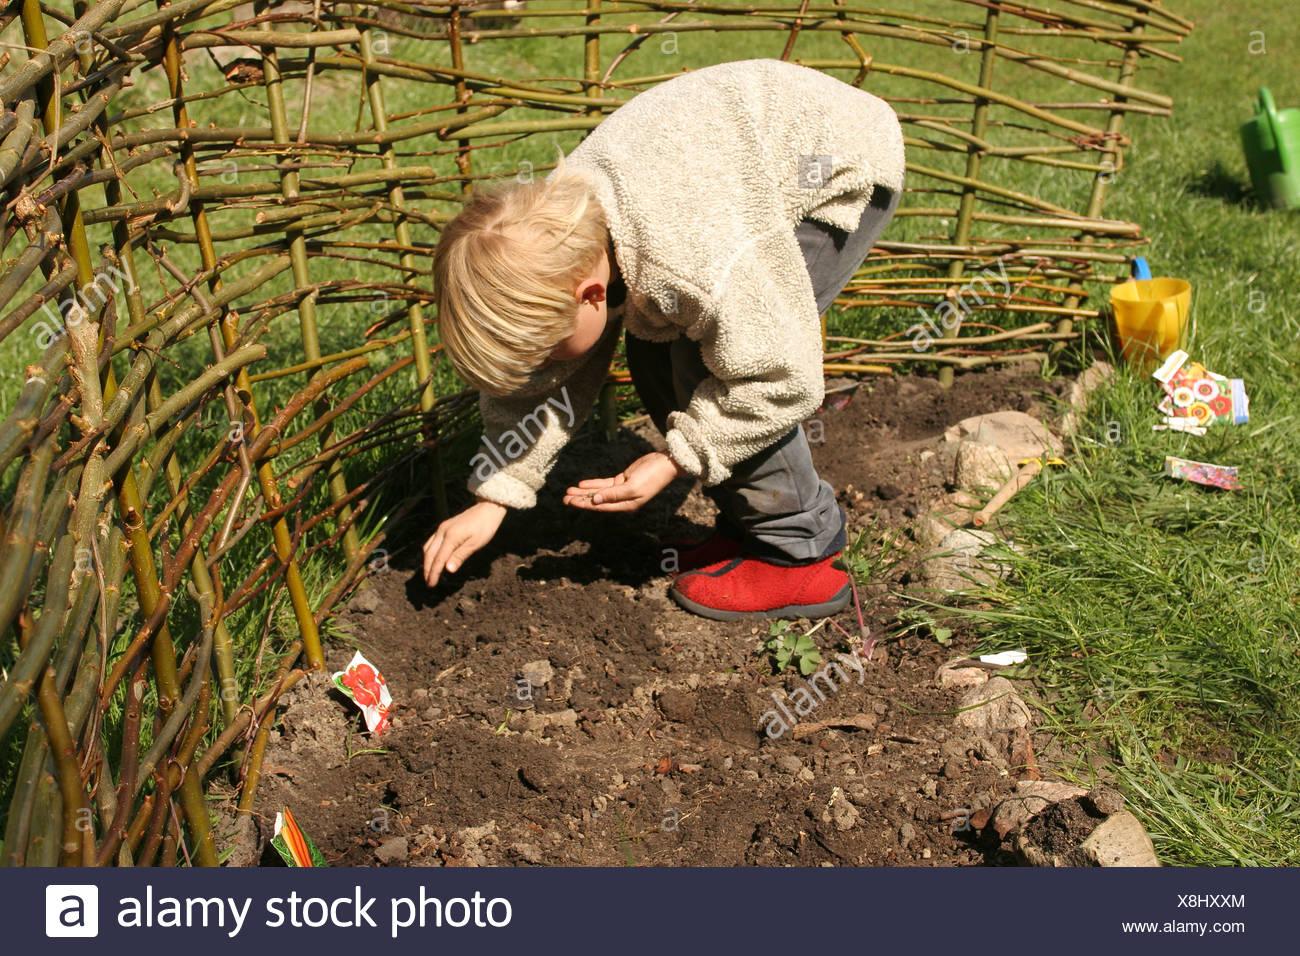 Petit garçon et radis carottes semer sur son propre potager séparé par une clôture faite de branches de saule, Allemagne Photo Stock